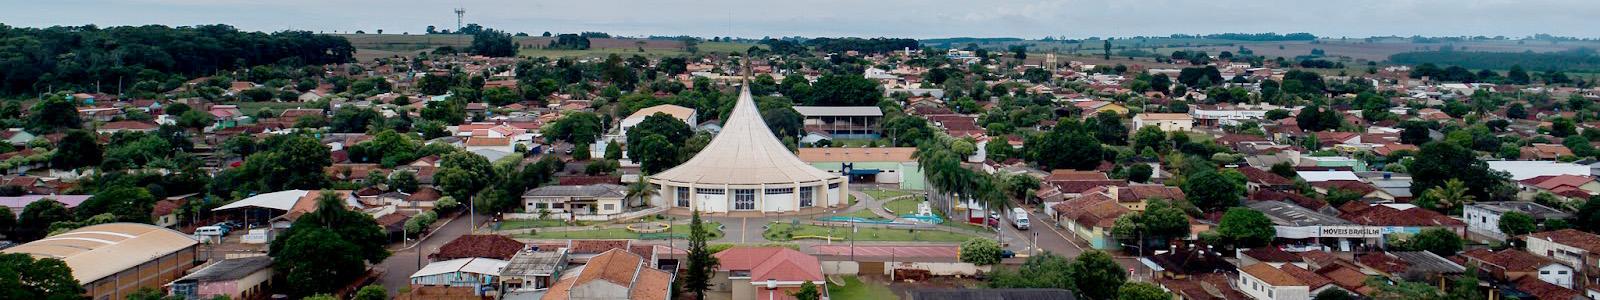 Vicentina Mato Grosso do Sul fonte: www.vicentina.ms.gov.br